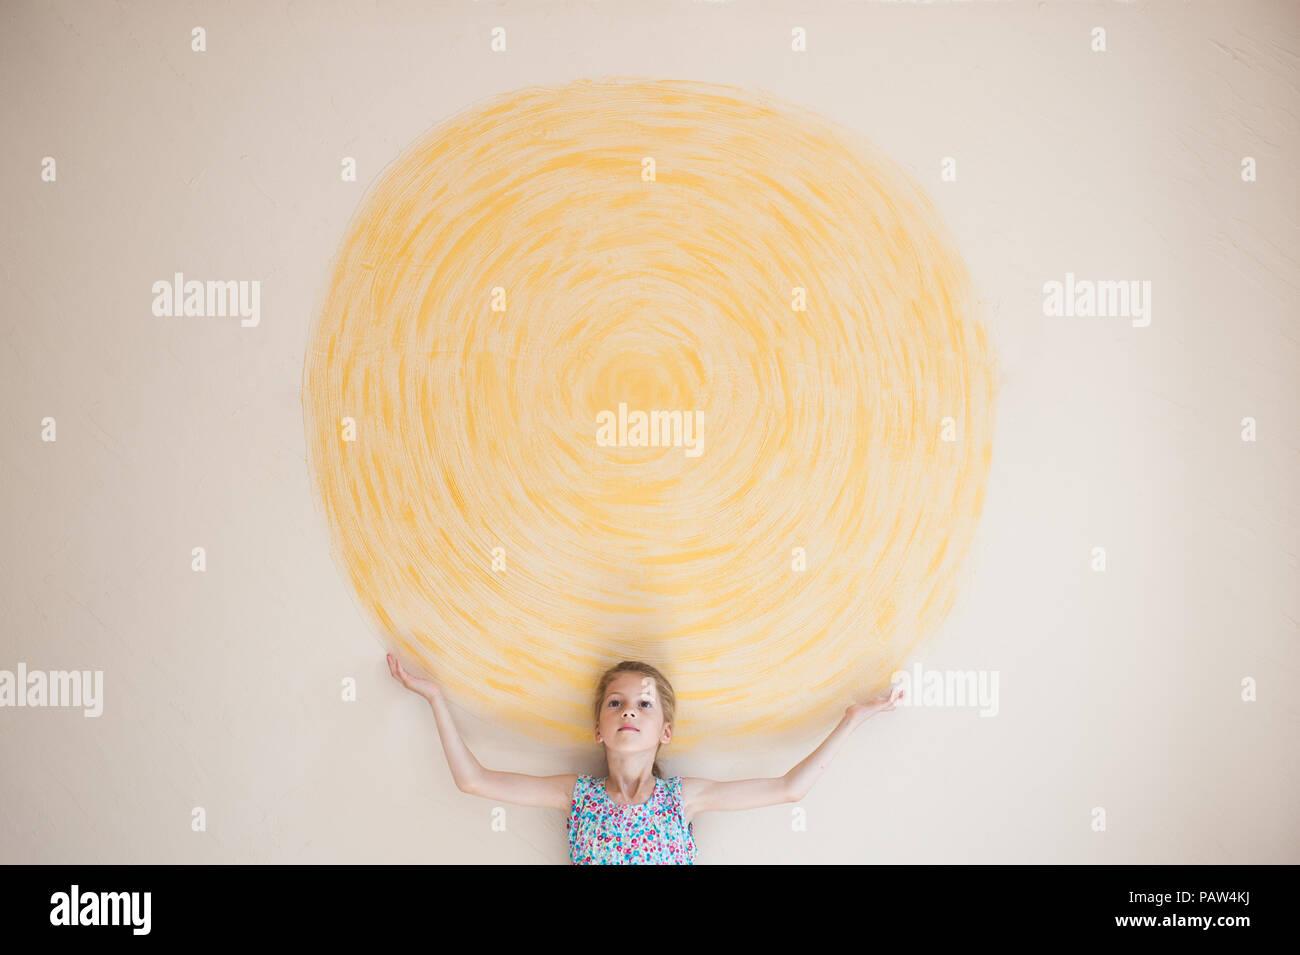 Concept de belles caucasian girl holding soleil peint sur mur jaune à l'intérieur Photo Stock